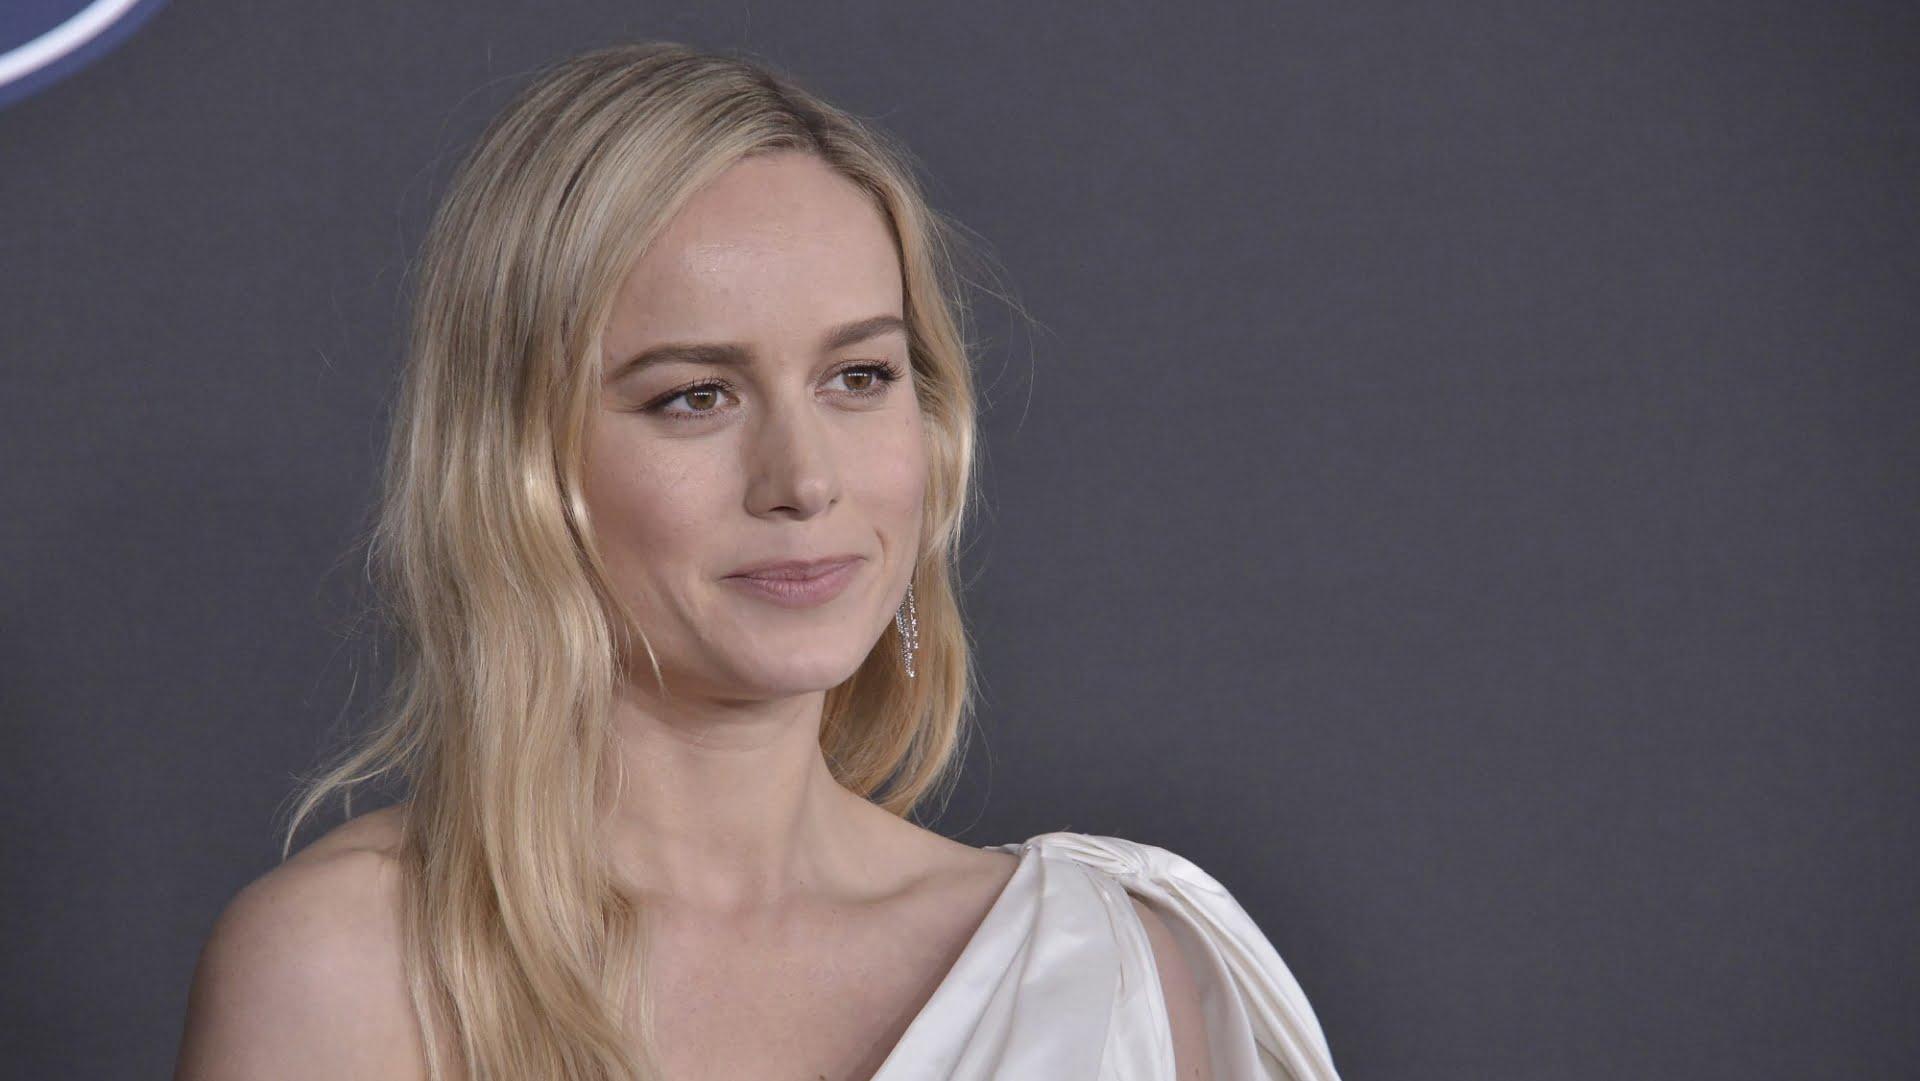 Firma Apple kupiła prawa do kolejnego serialu z Brie Larson